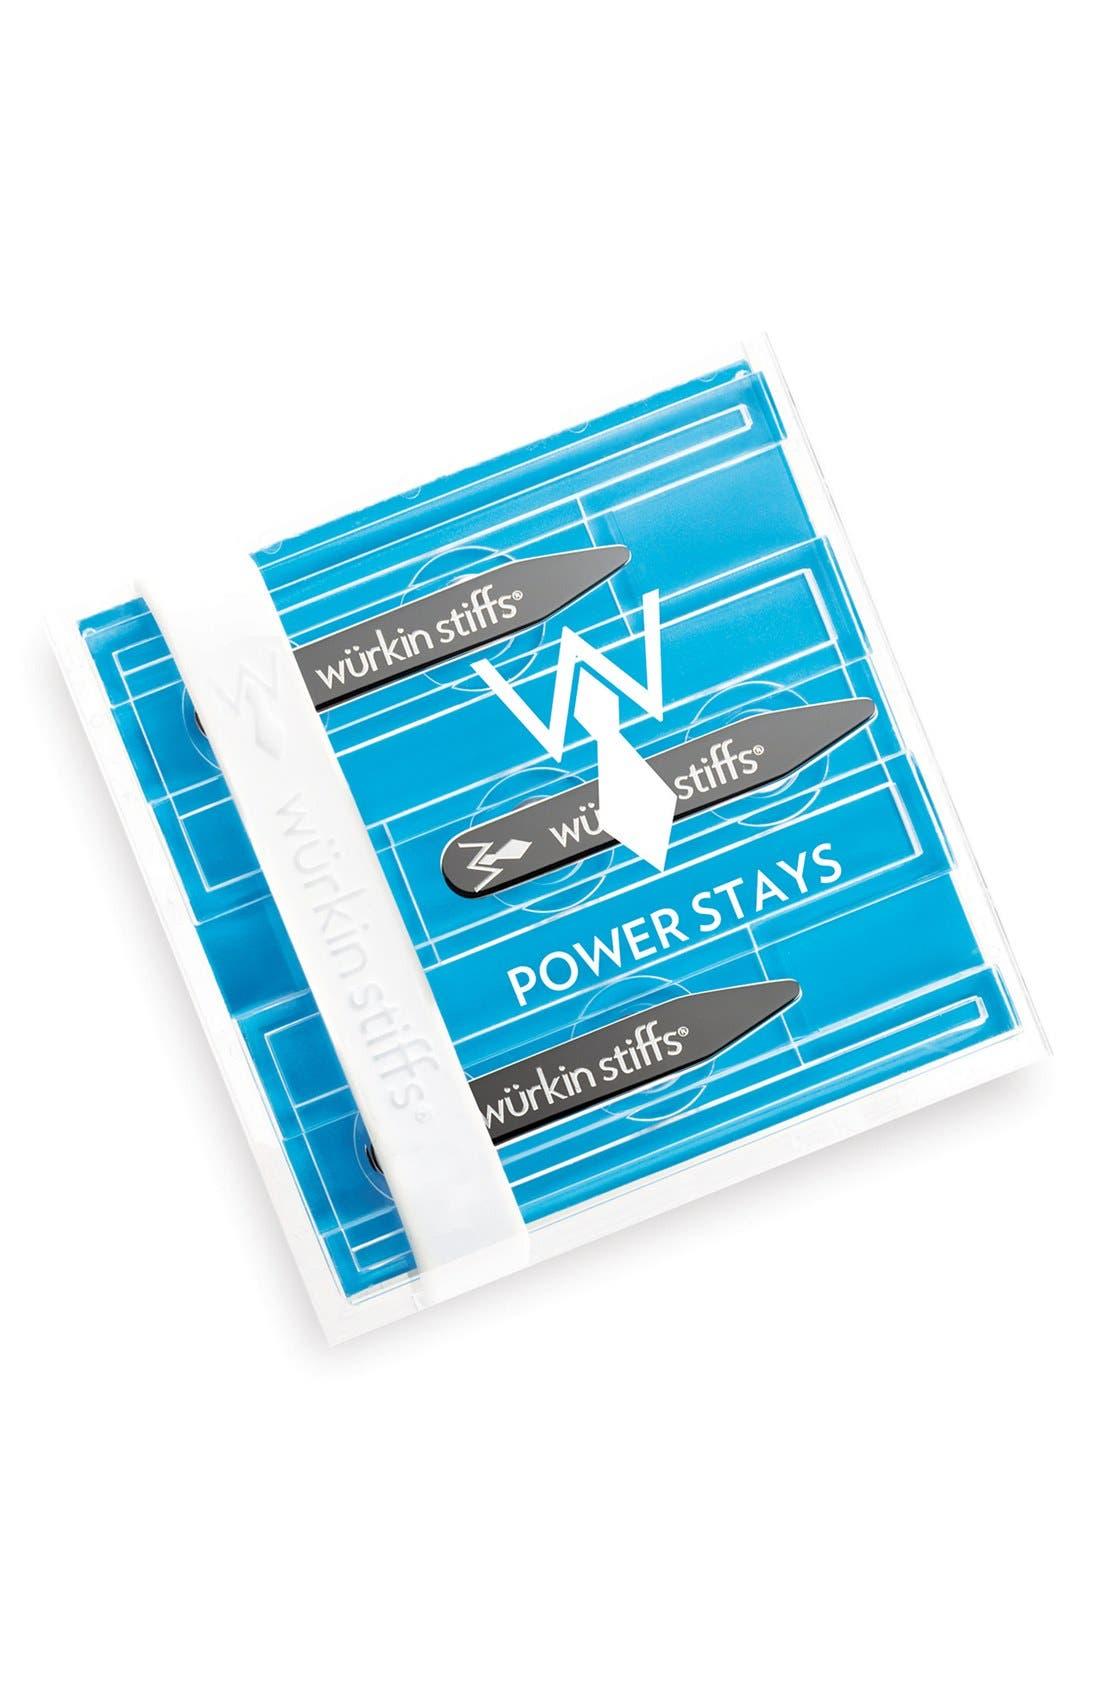 Main Image - Würkin Stiffs 'Power Stays' Collar Stays (Set of 3)